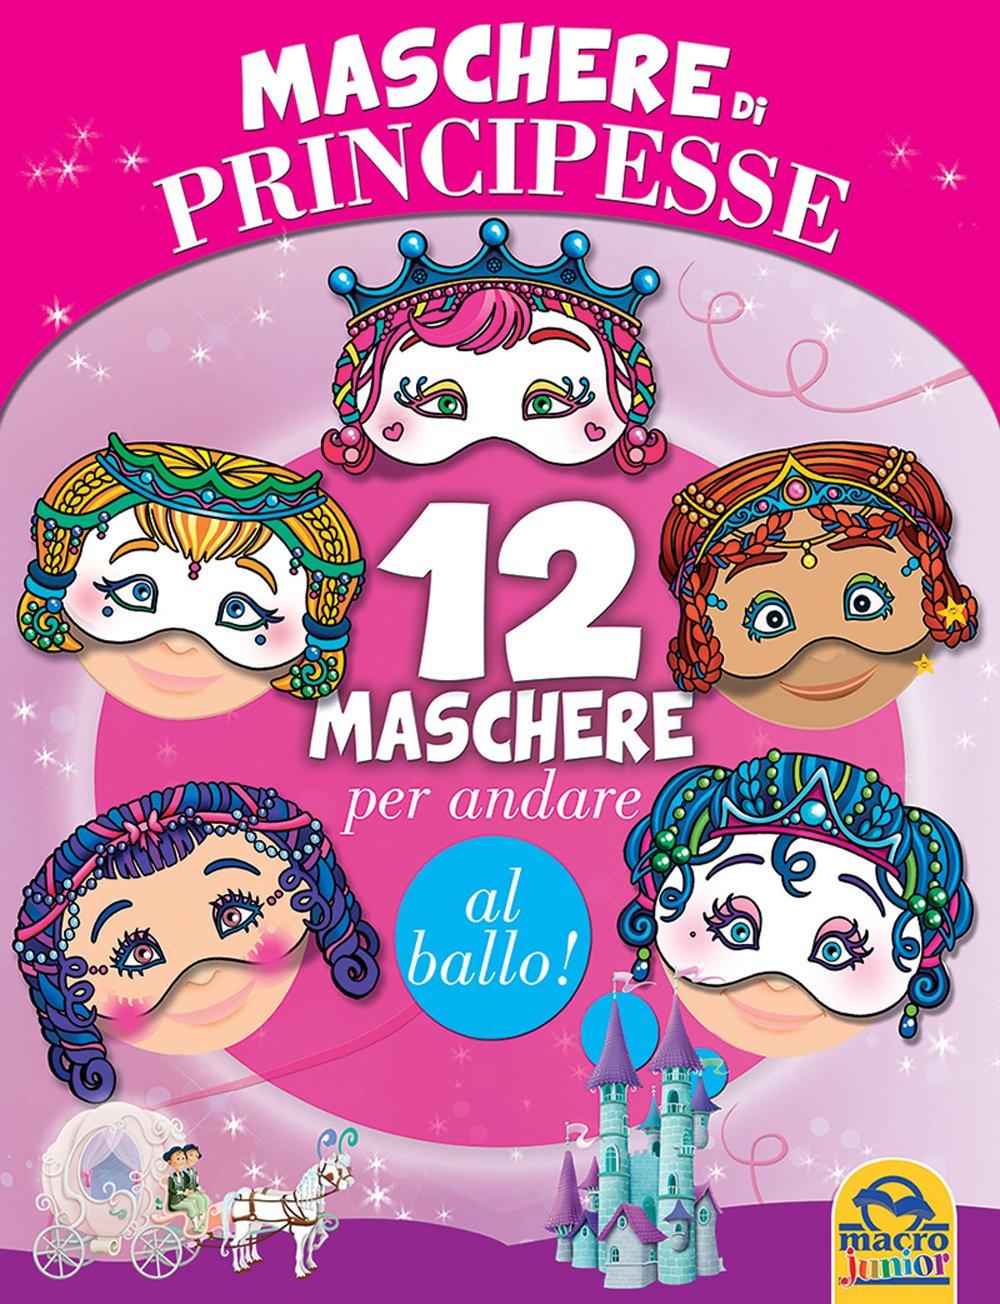 Maschere Di Principesse 12 Maschere Per Andare Al Ballo Amazon